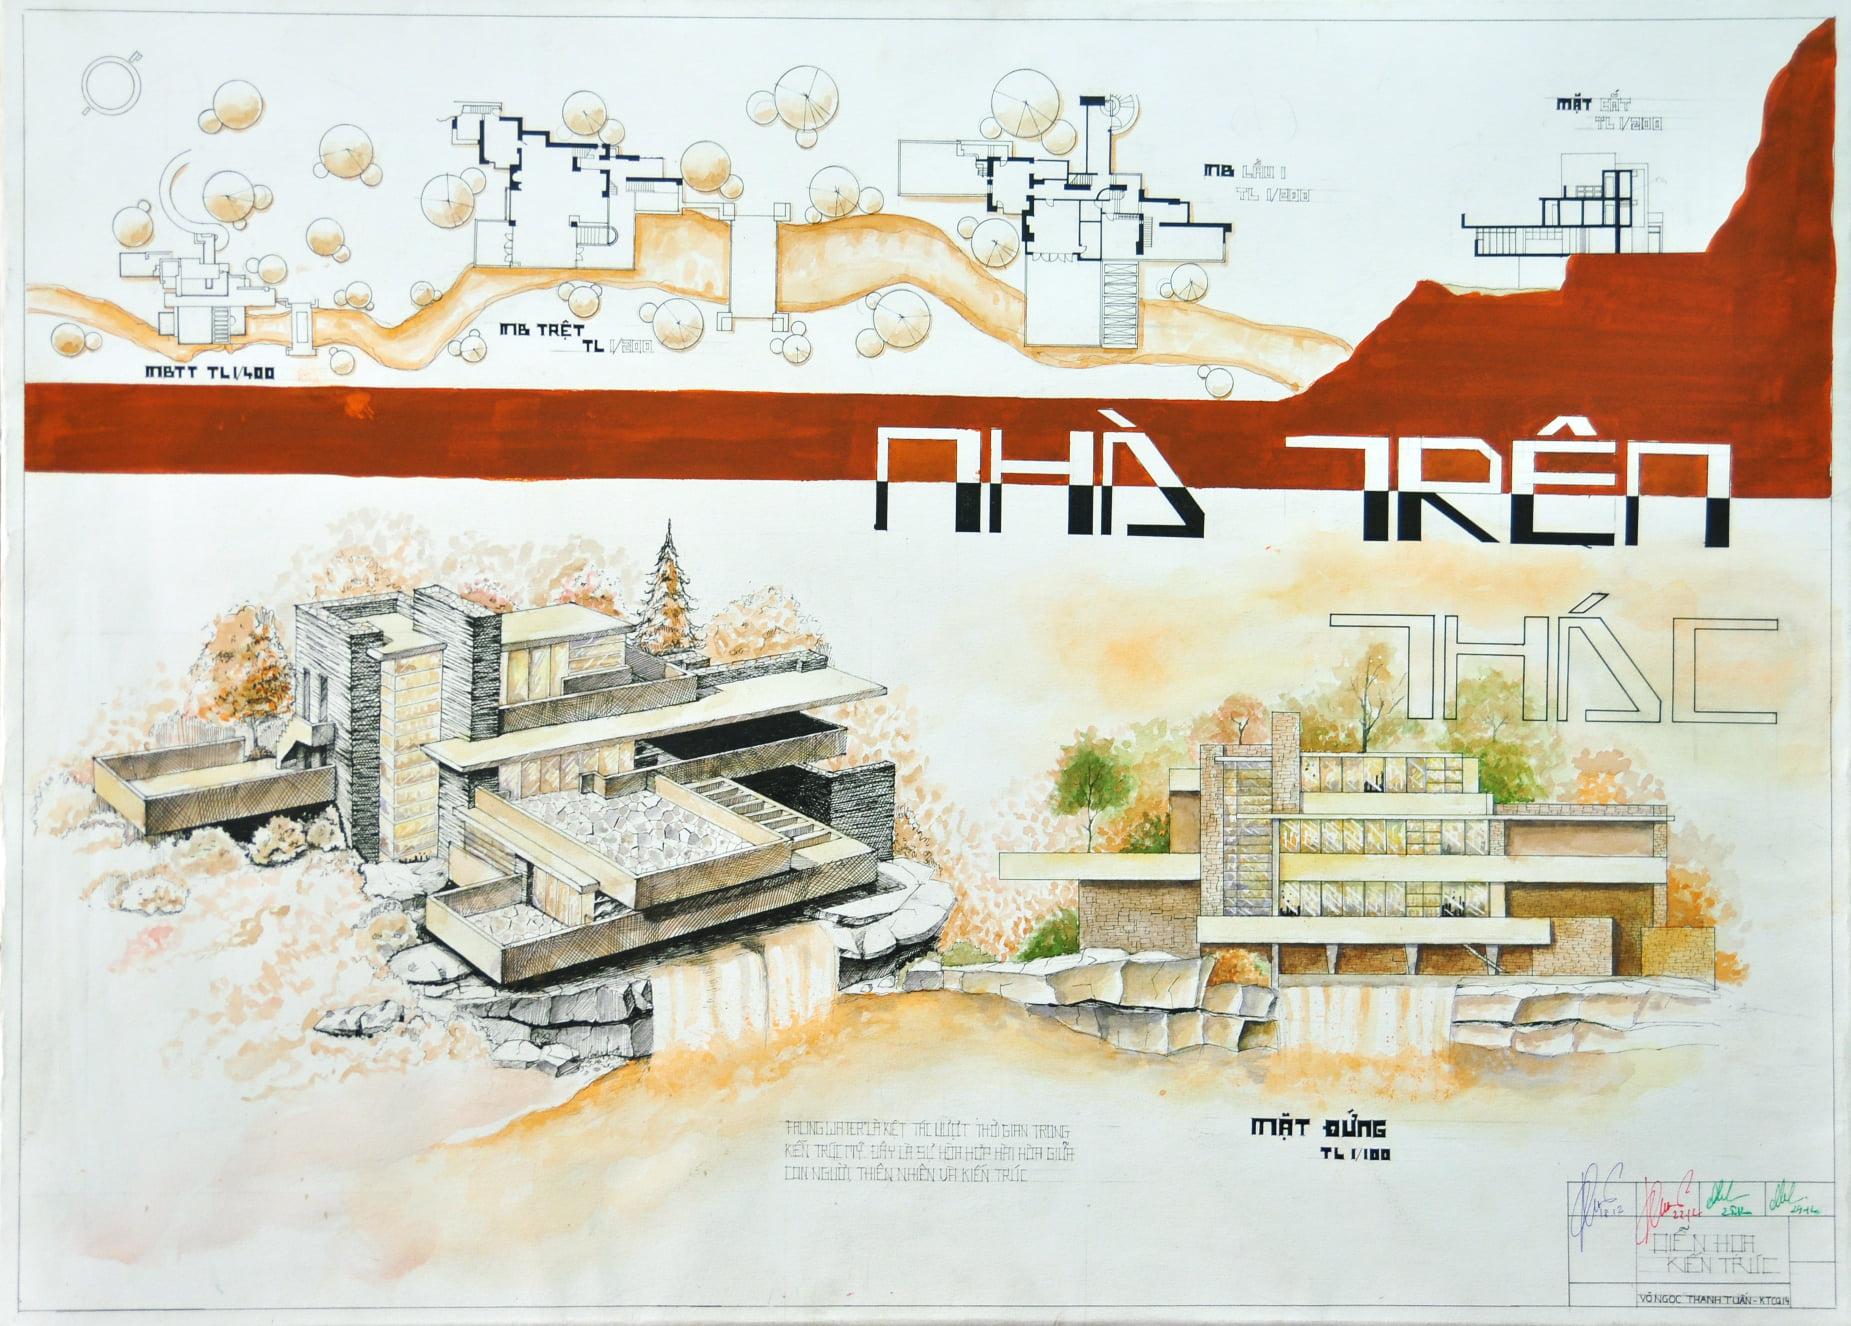 đồ án diễn họa kiến trúc bằng tay sinh viên uah